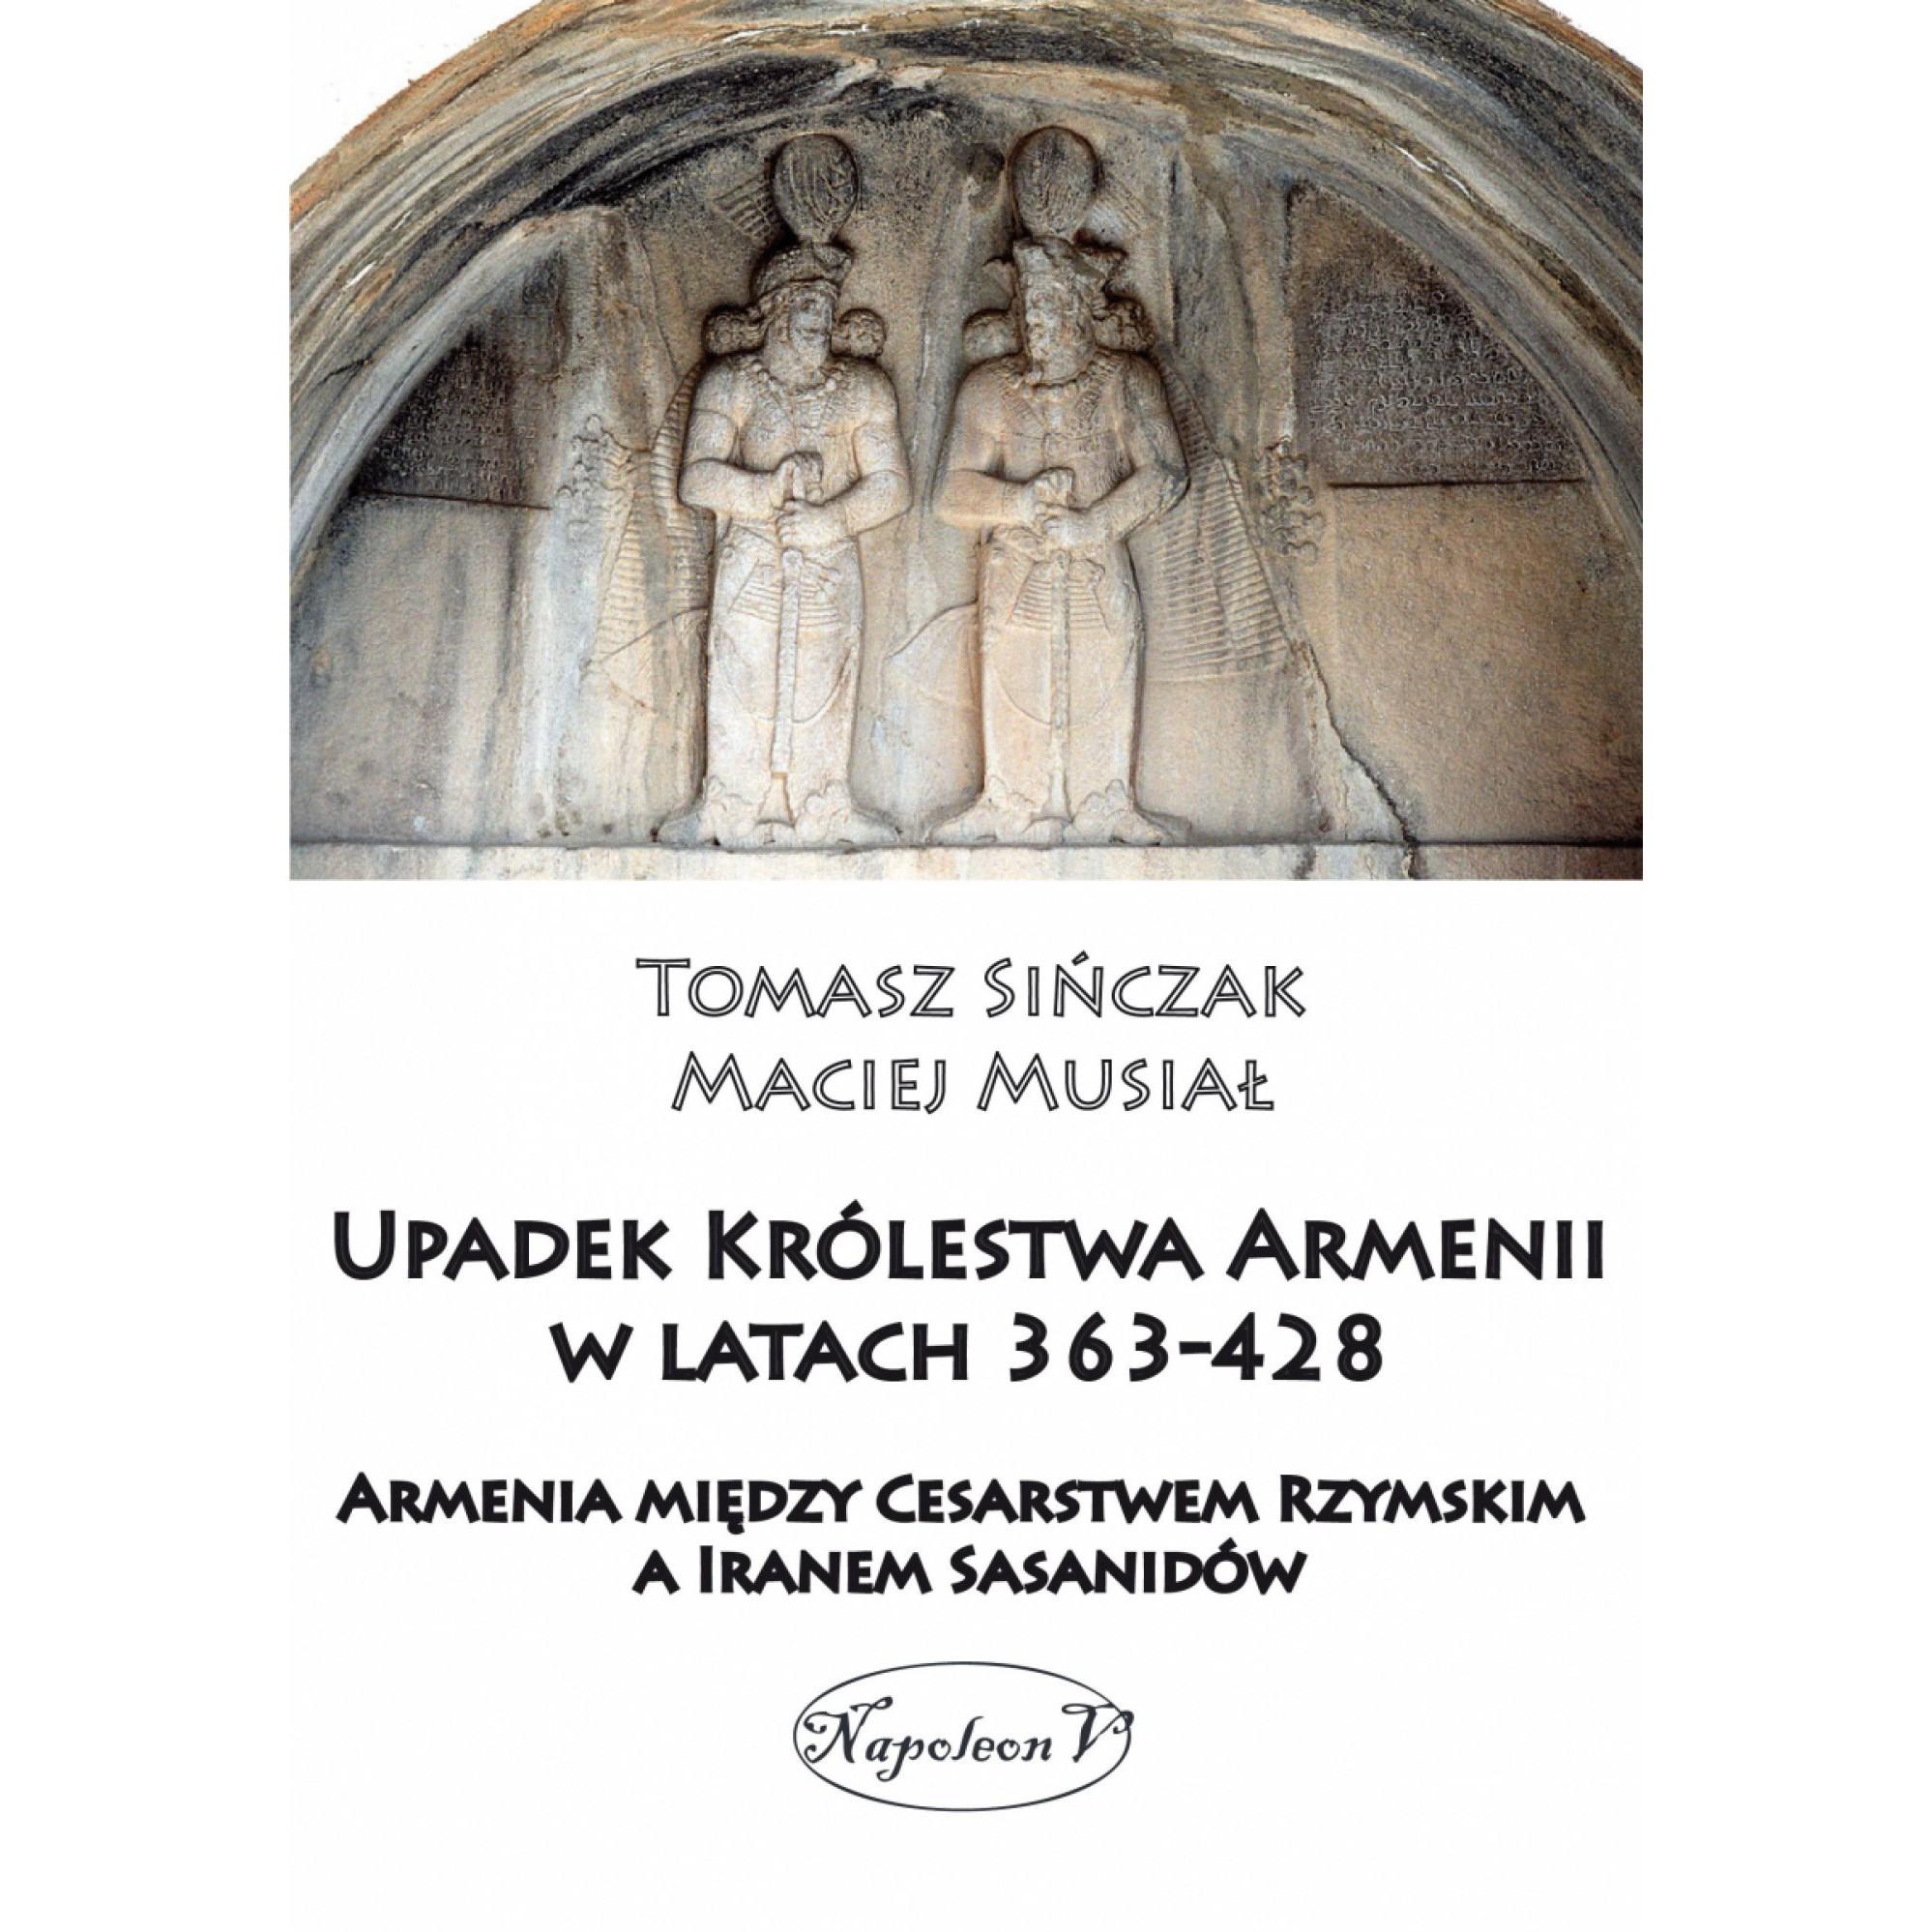 Upadek Królestwa Armenii w latach 363-428. Armenia między Cesarstwem Rzymskim a Iranem Sasanidów